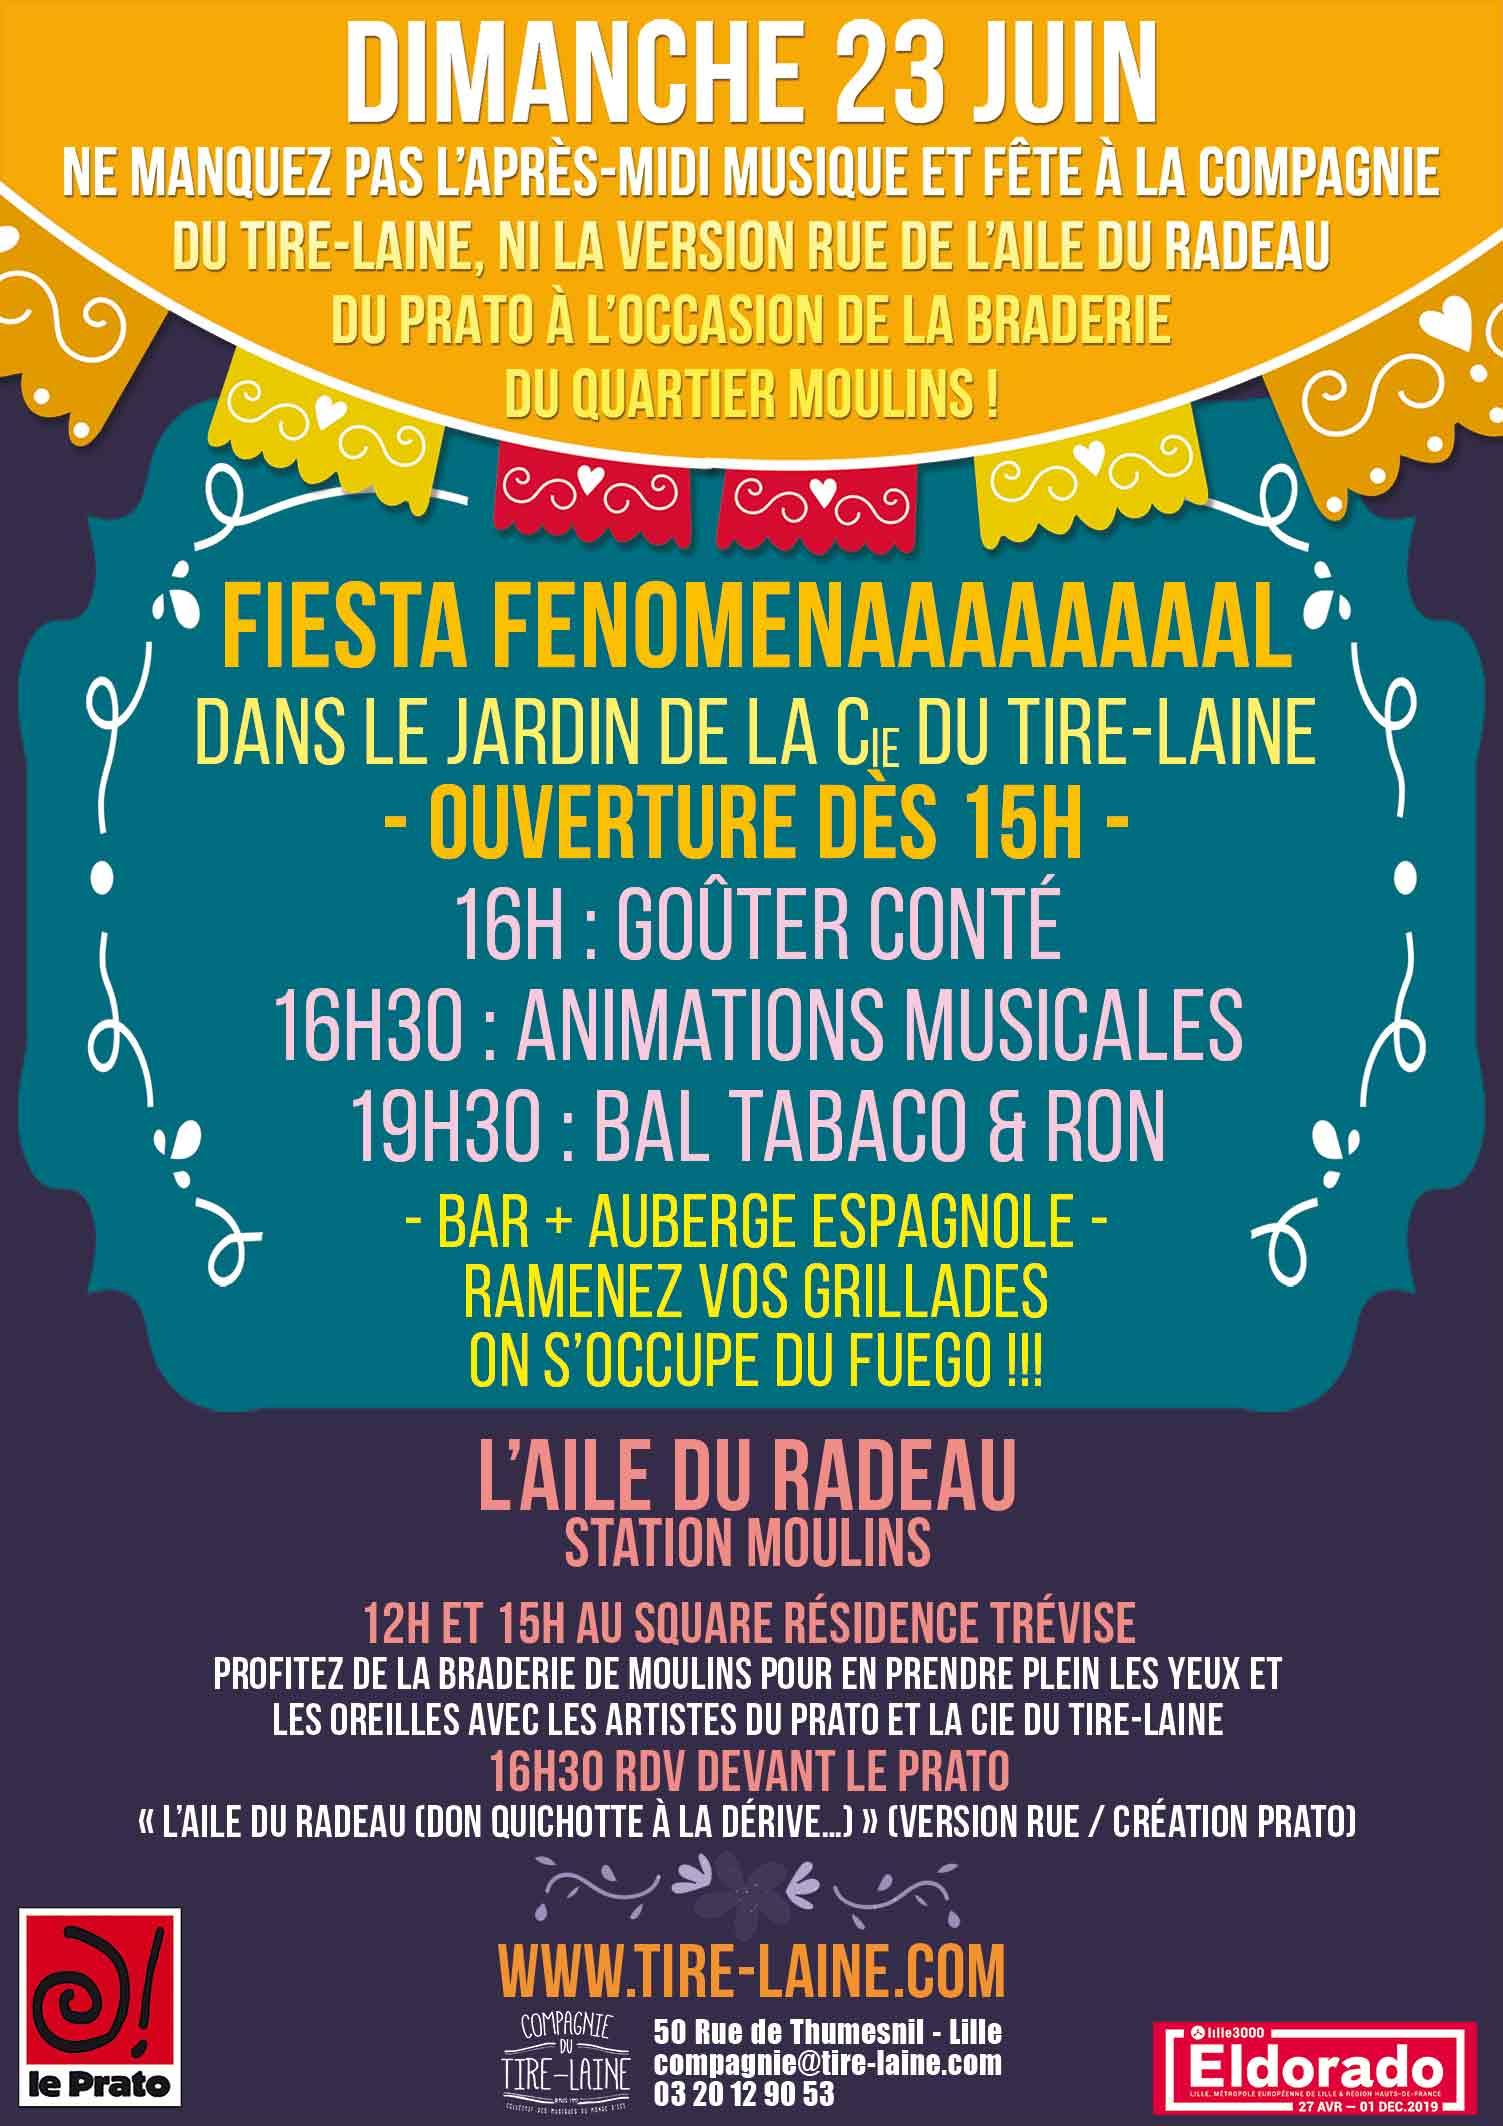 Fiesta Fenomenaaaal dans le jardin du Tire-Laine !